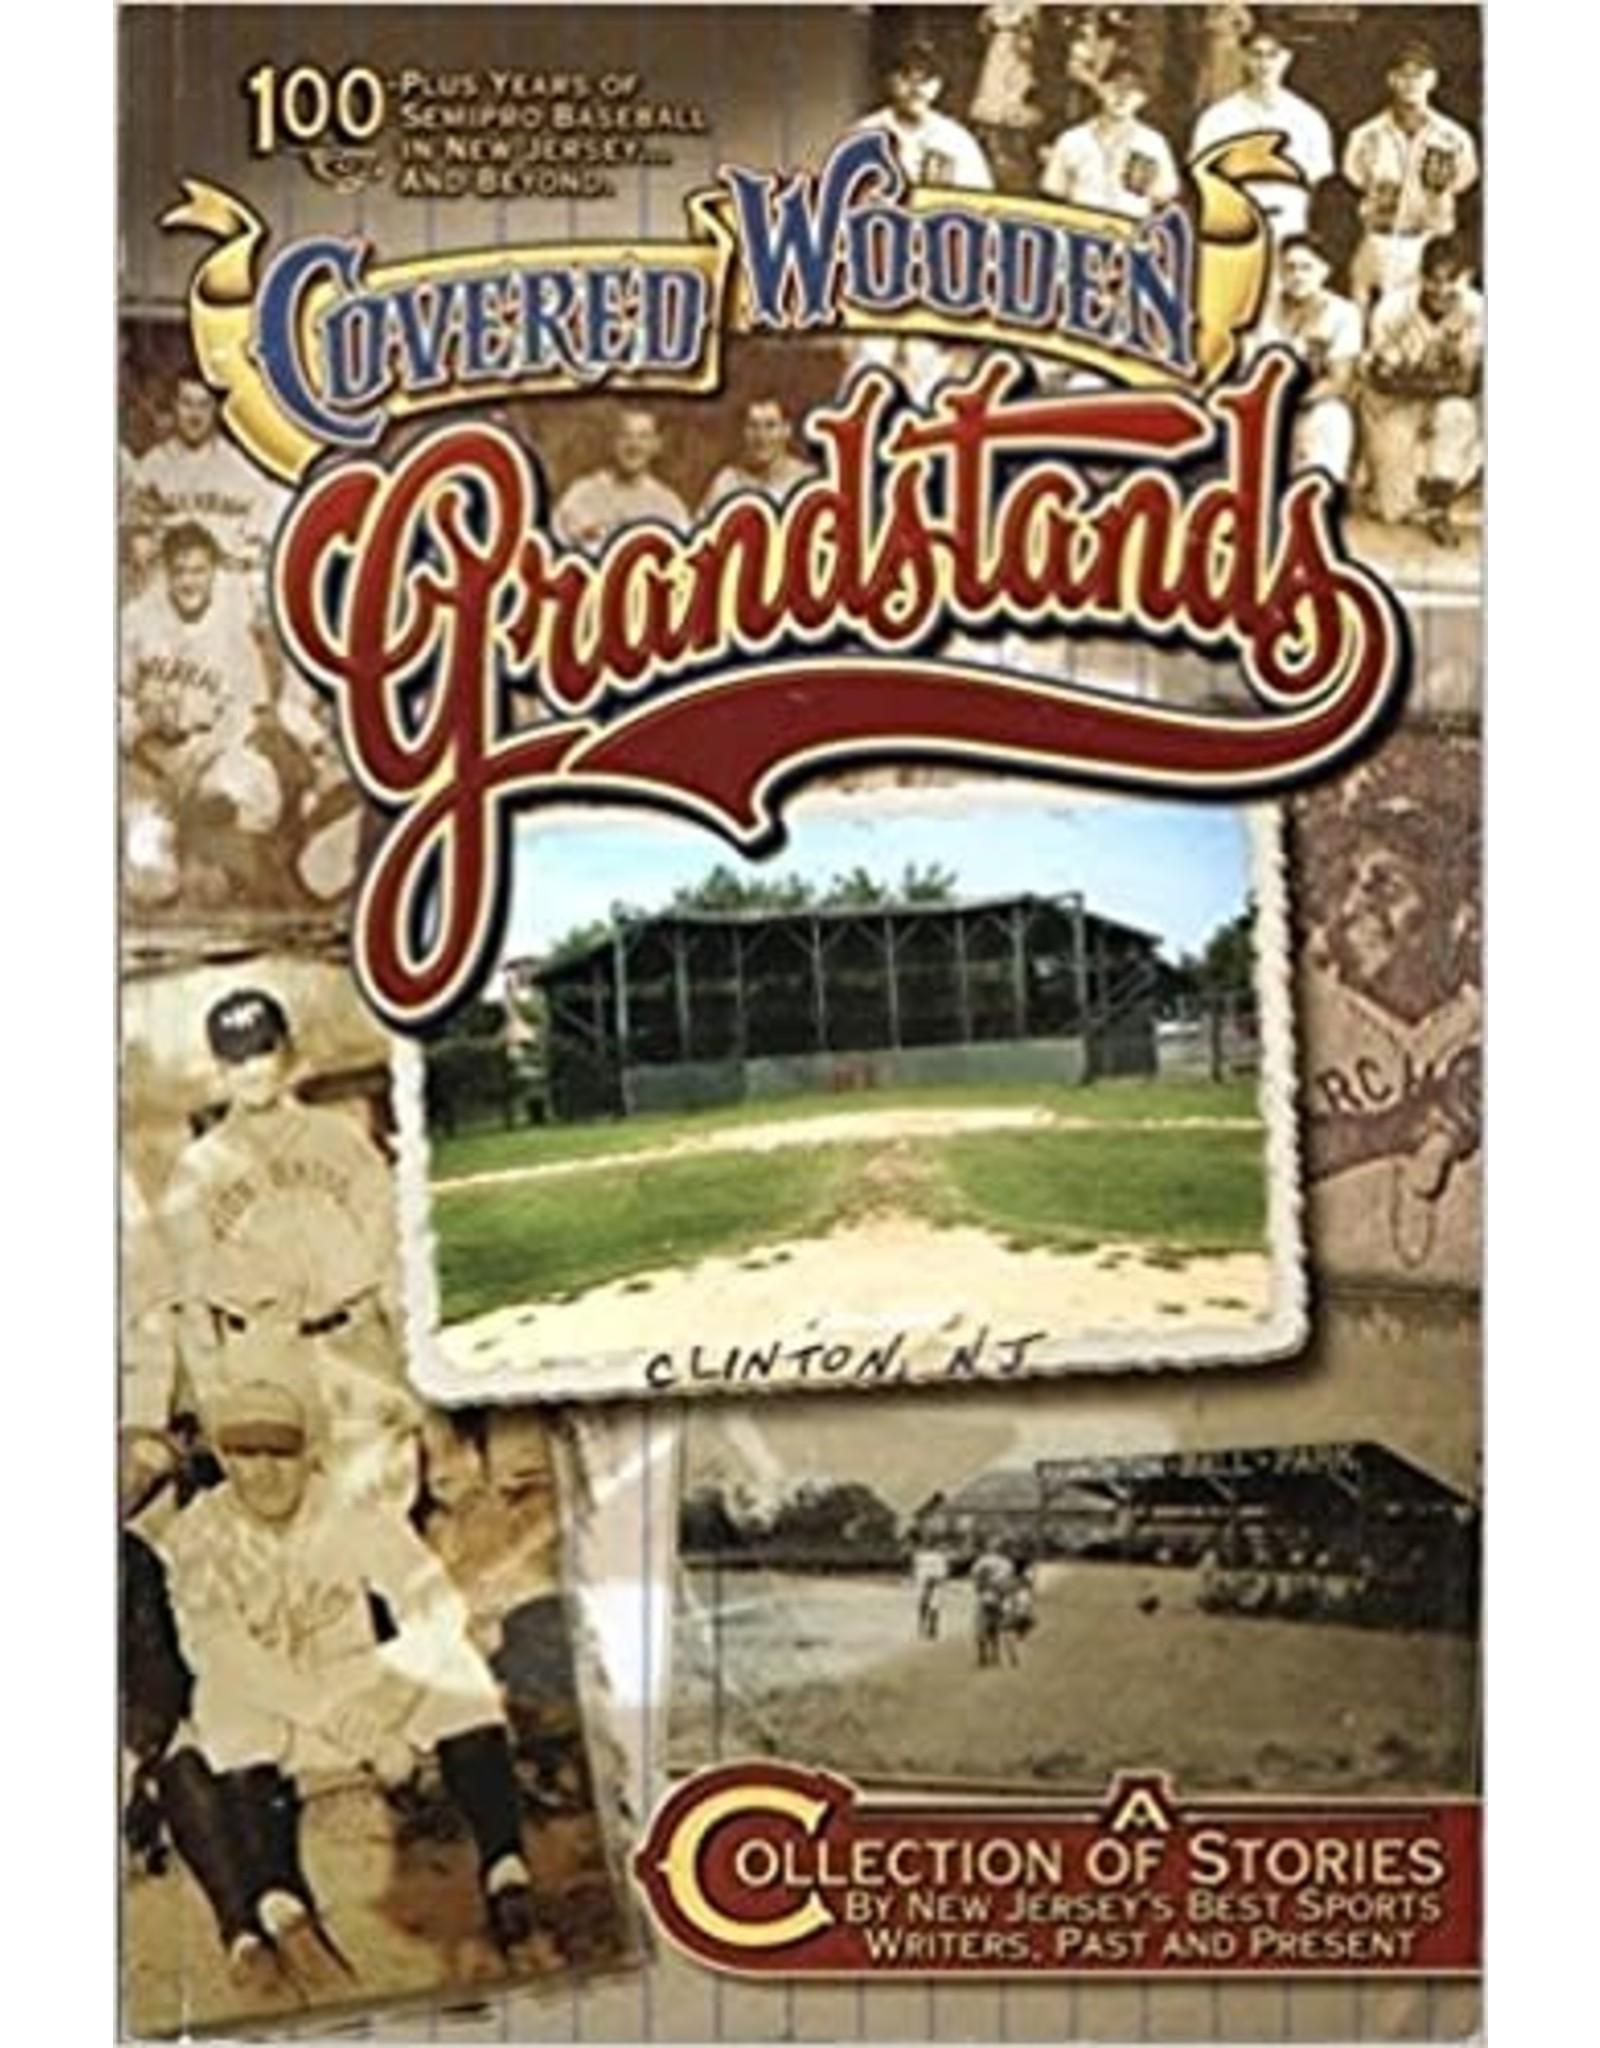 Covered Wooden Grandstands